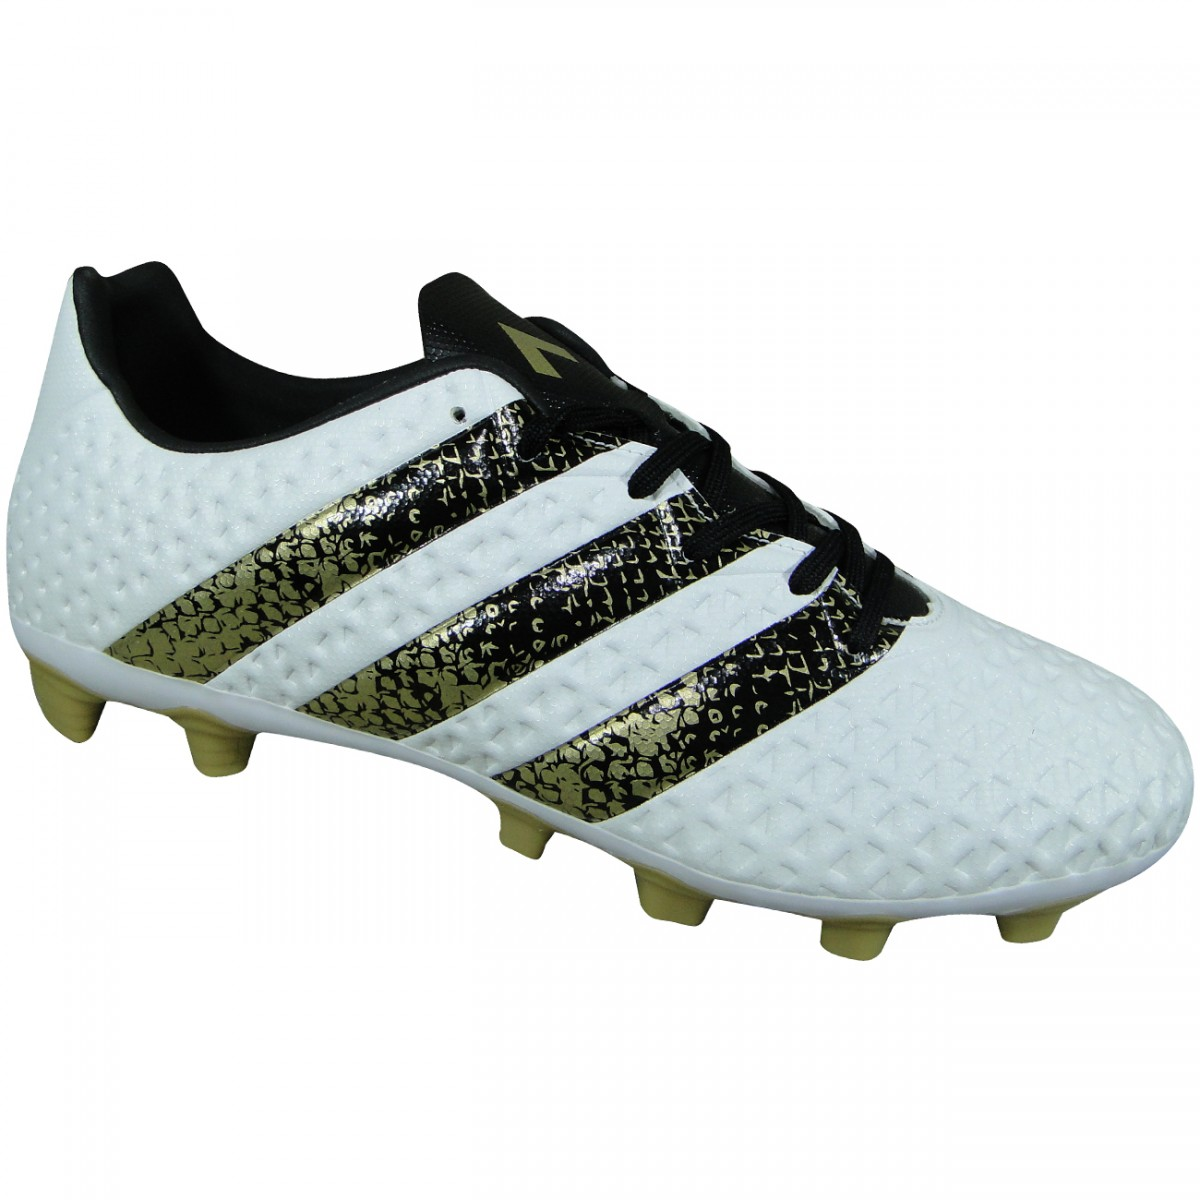 14c2e1f16 Chuteira Adidas Ace 16.4 S42139 - Branco/Preto/Dourado - Chuteira Nike,  Adidas. Sandalias Femininas. Sandy Calçados